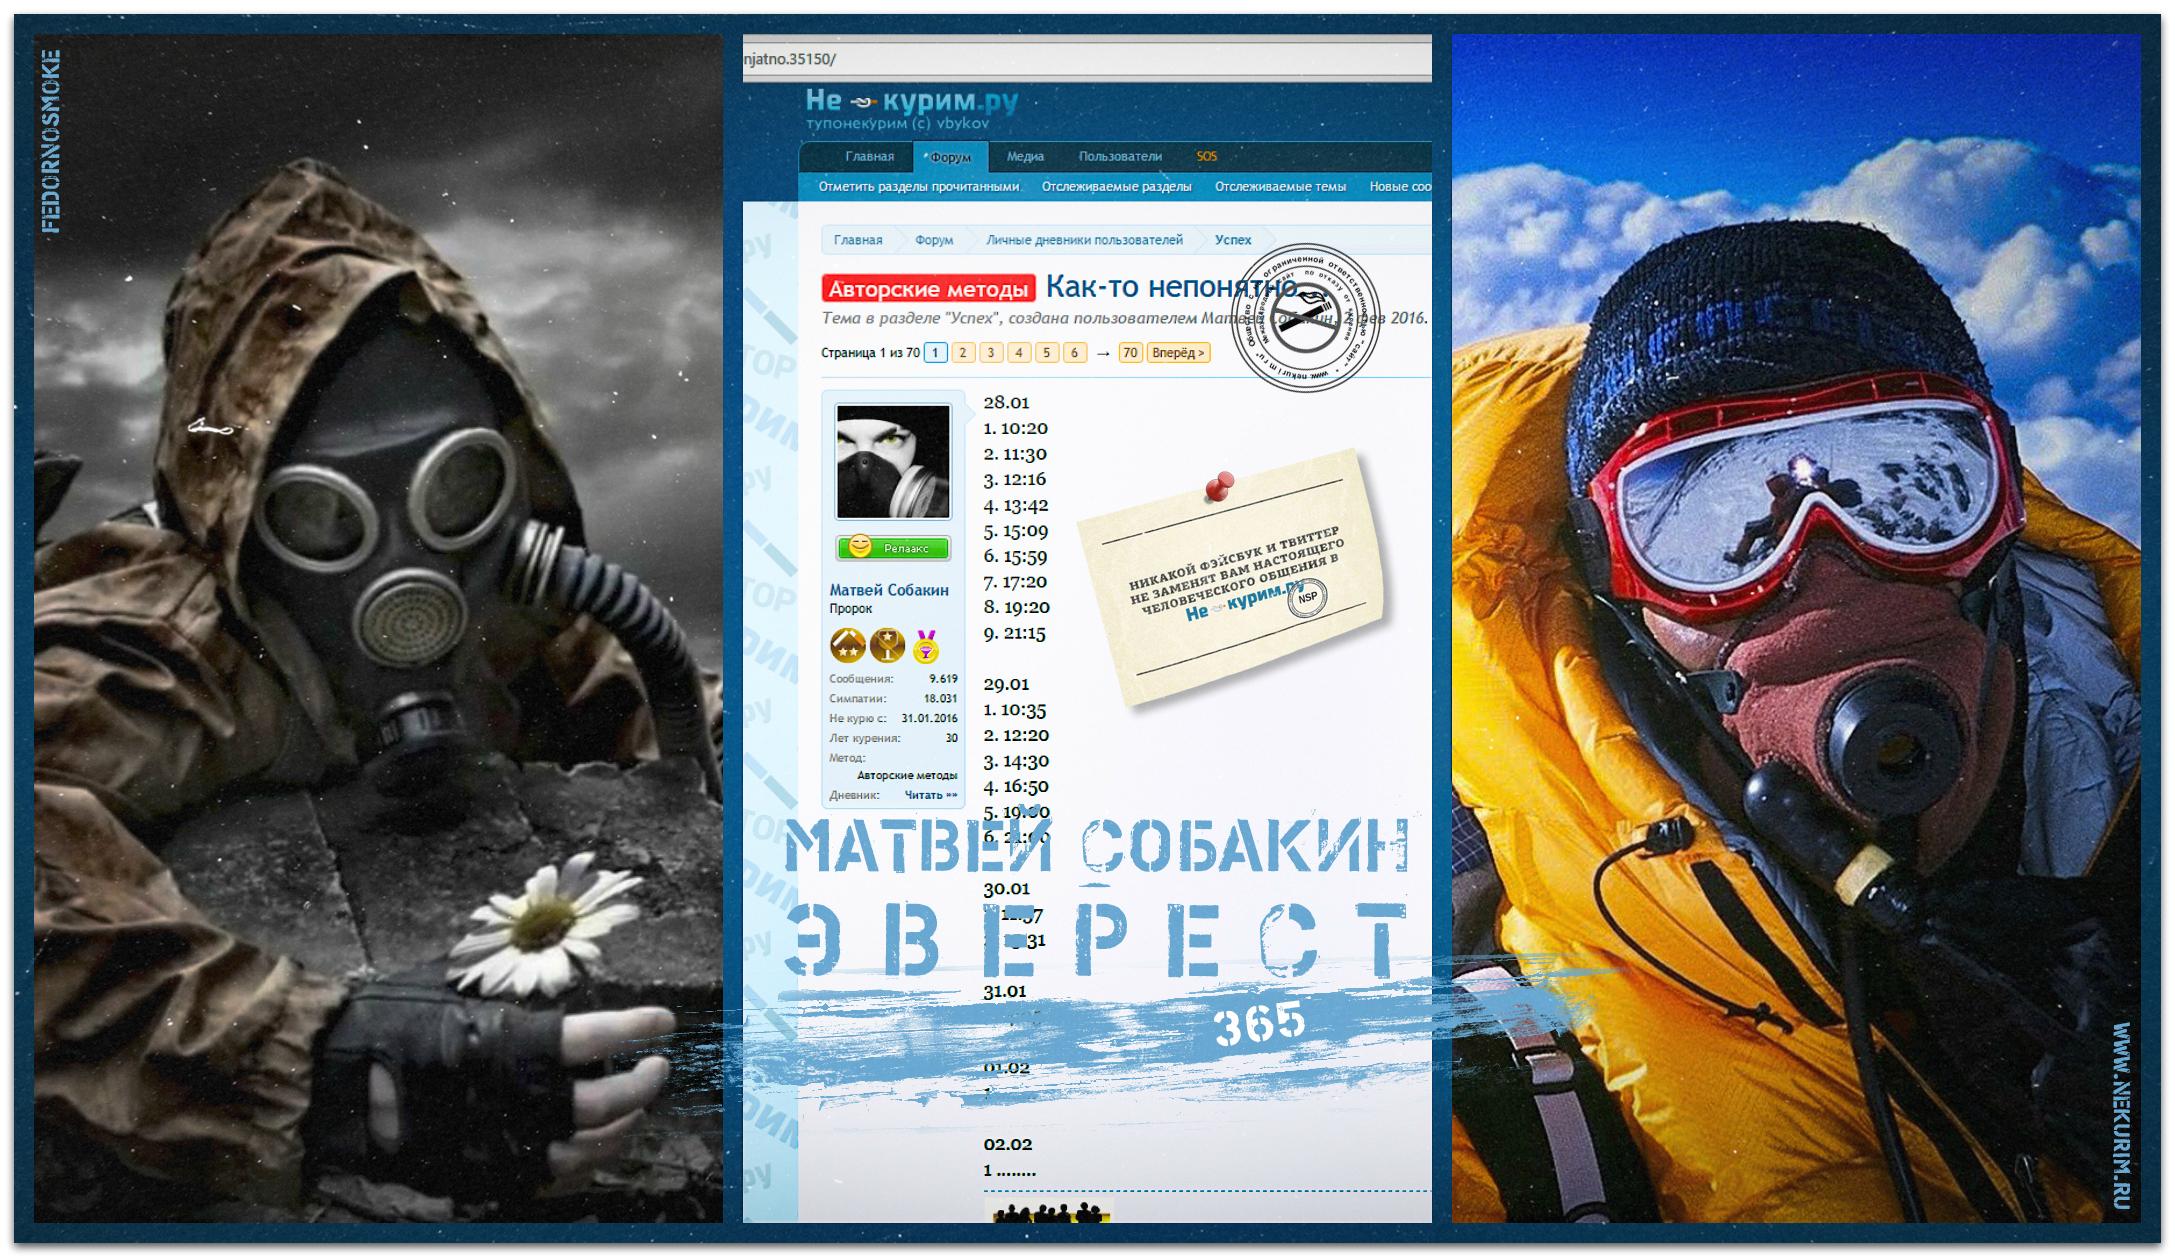 novyj-kollazhms-jpg.319603